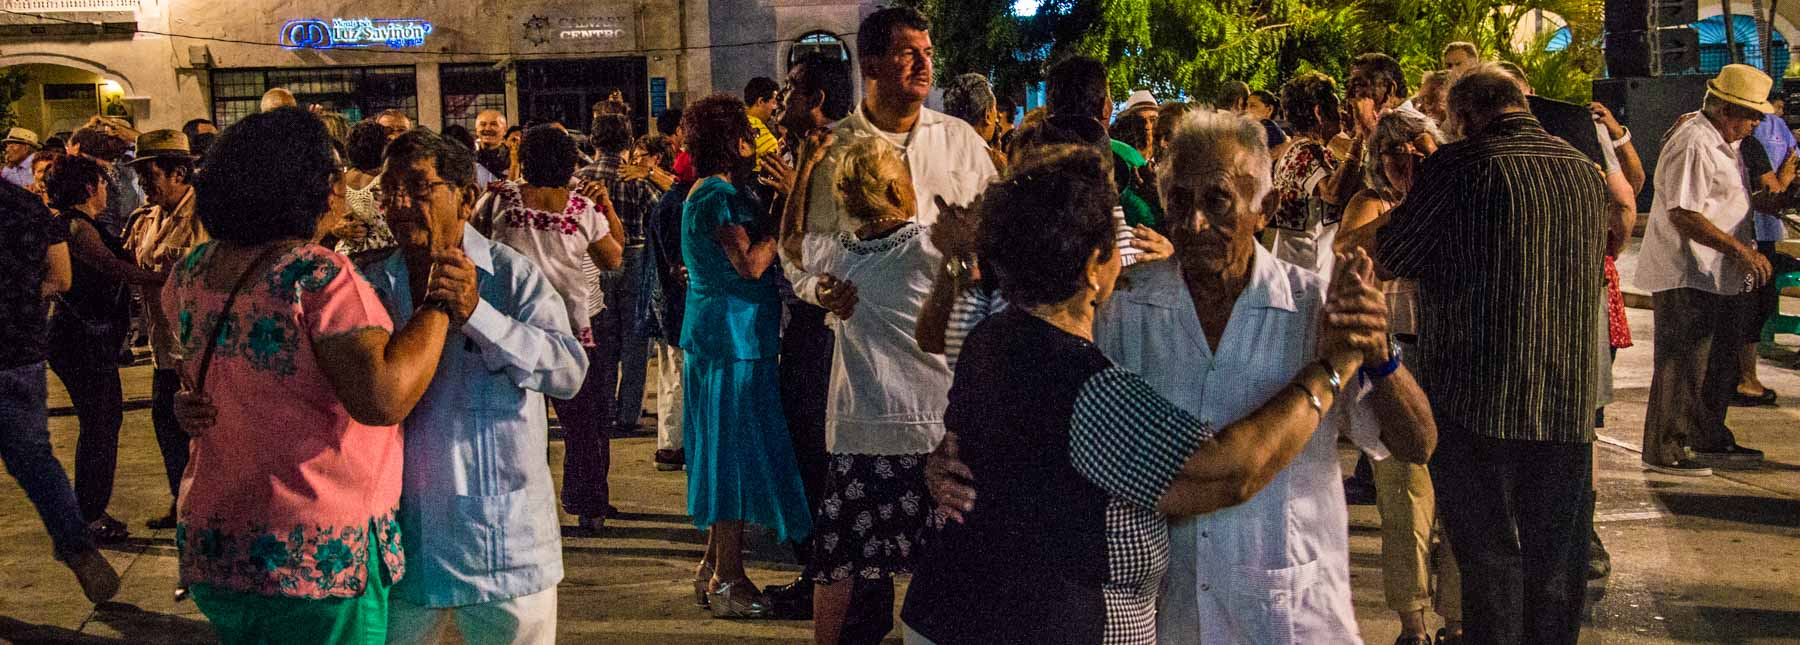 Crowd of people dancing in a park in Merida.